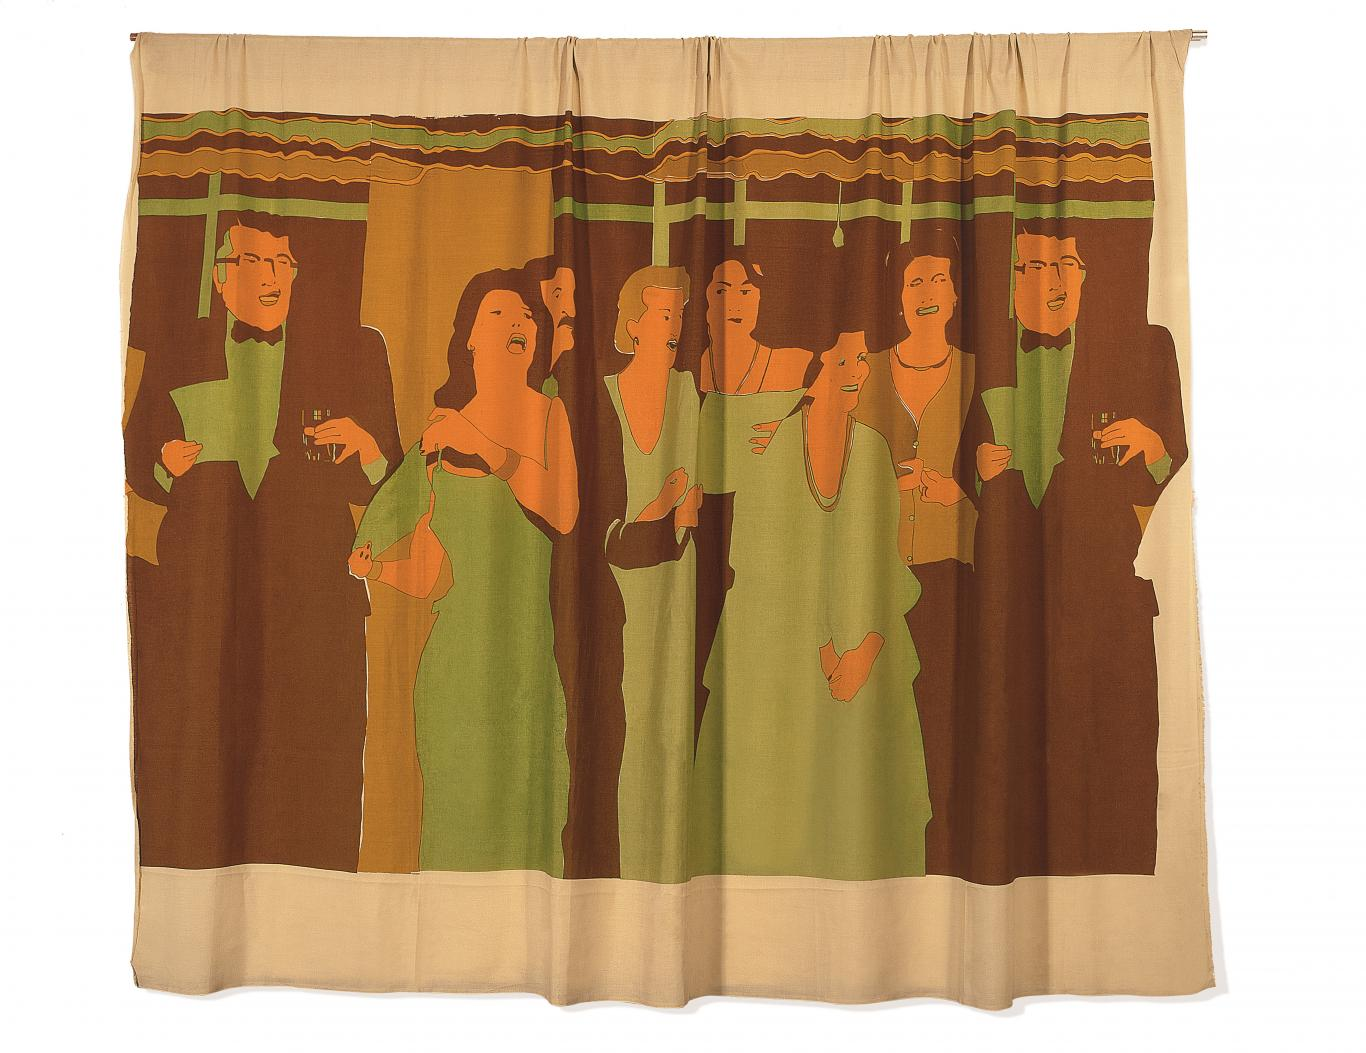 Cortina con dibujo en los que se retratan a un grupo de hombres y mujeres en una fiesta